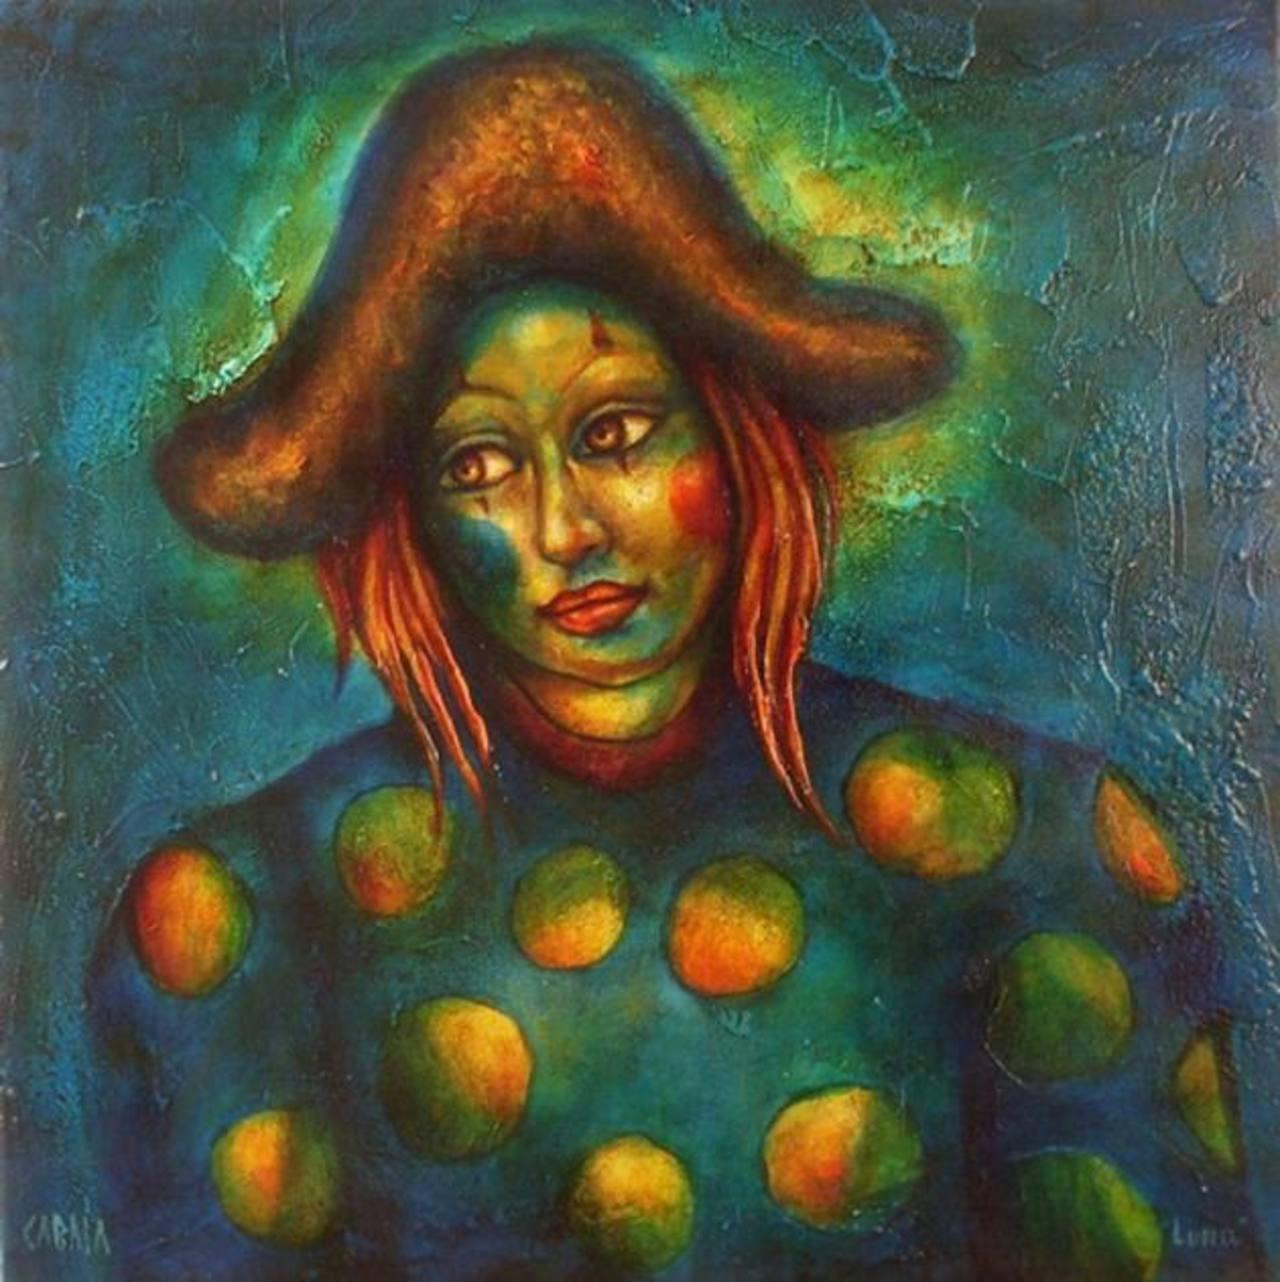 """La obra """"Luna"""" hecha en acrílico sobre lienzo también estará en la muestra. Foto / Cortesía"""